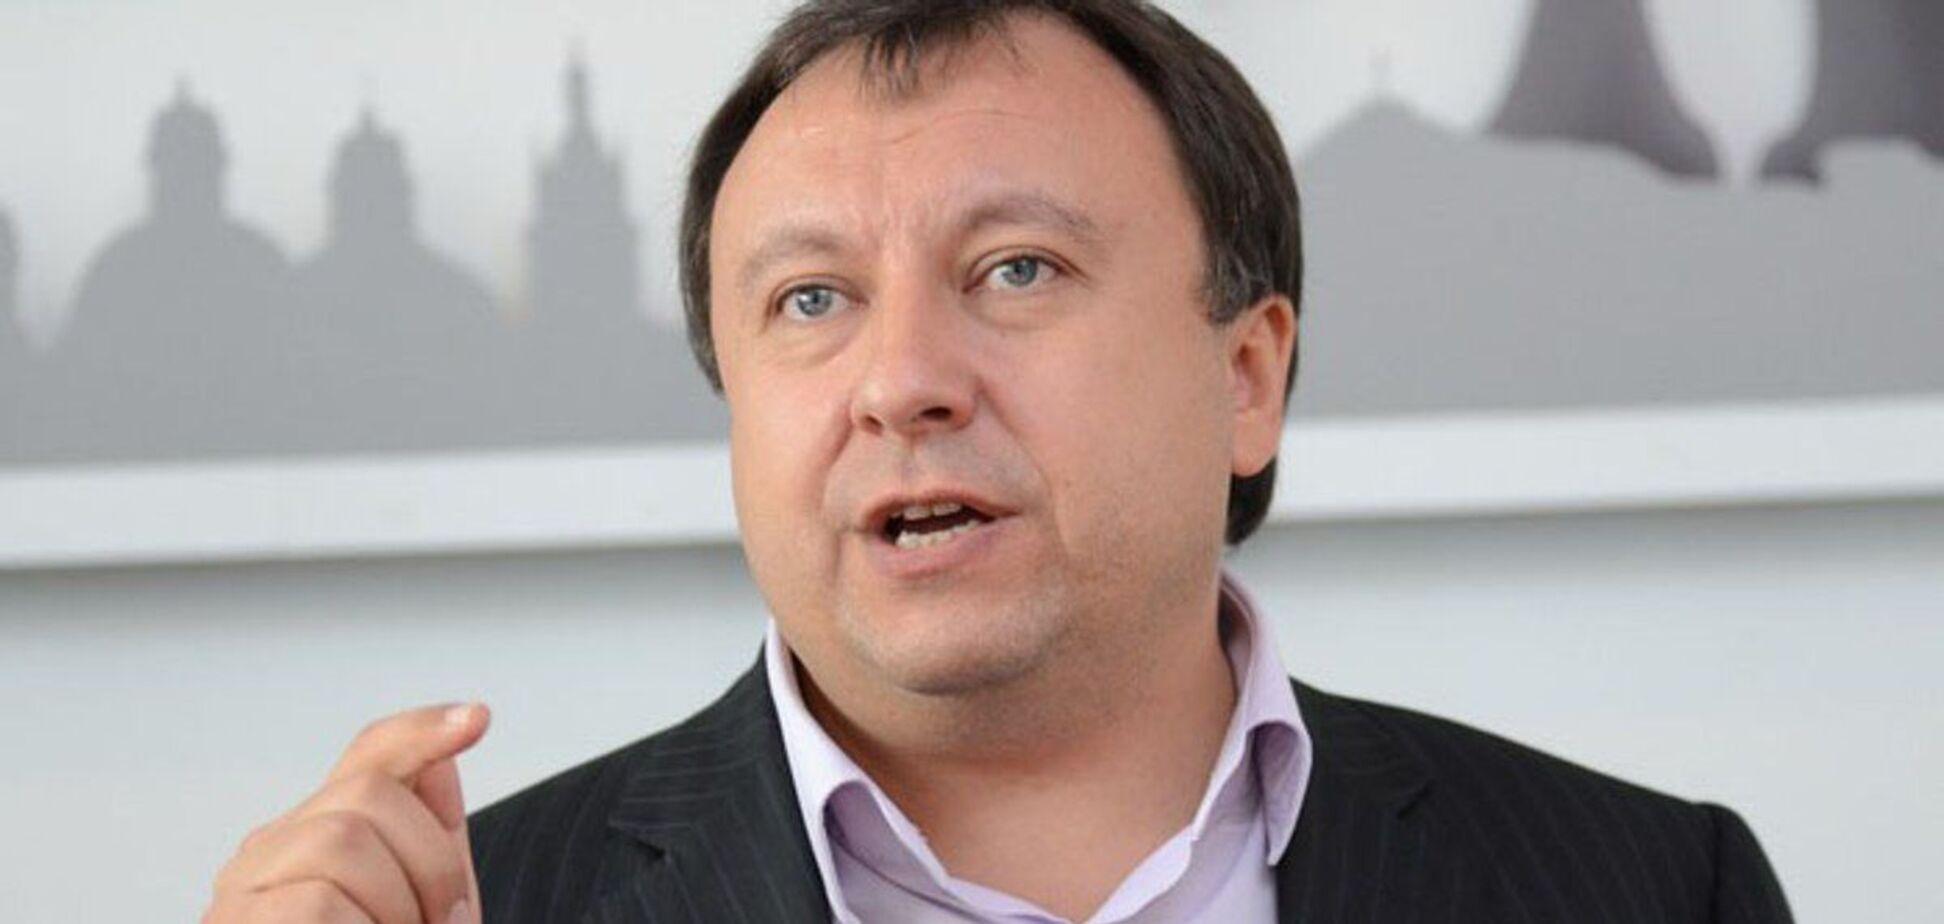 Княжицький повідомив, що 'ЄС' вимагає притягти до відповідальності власників телеканалів, що потрапили під санкції